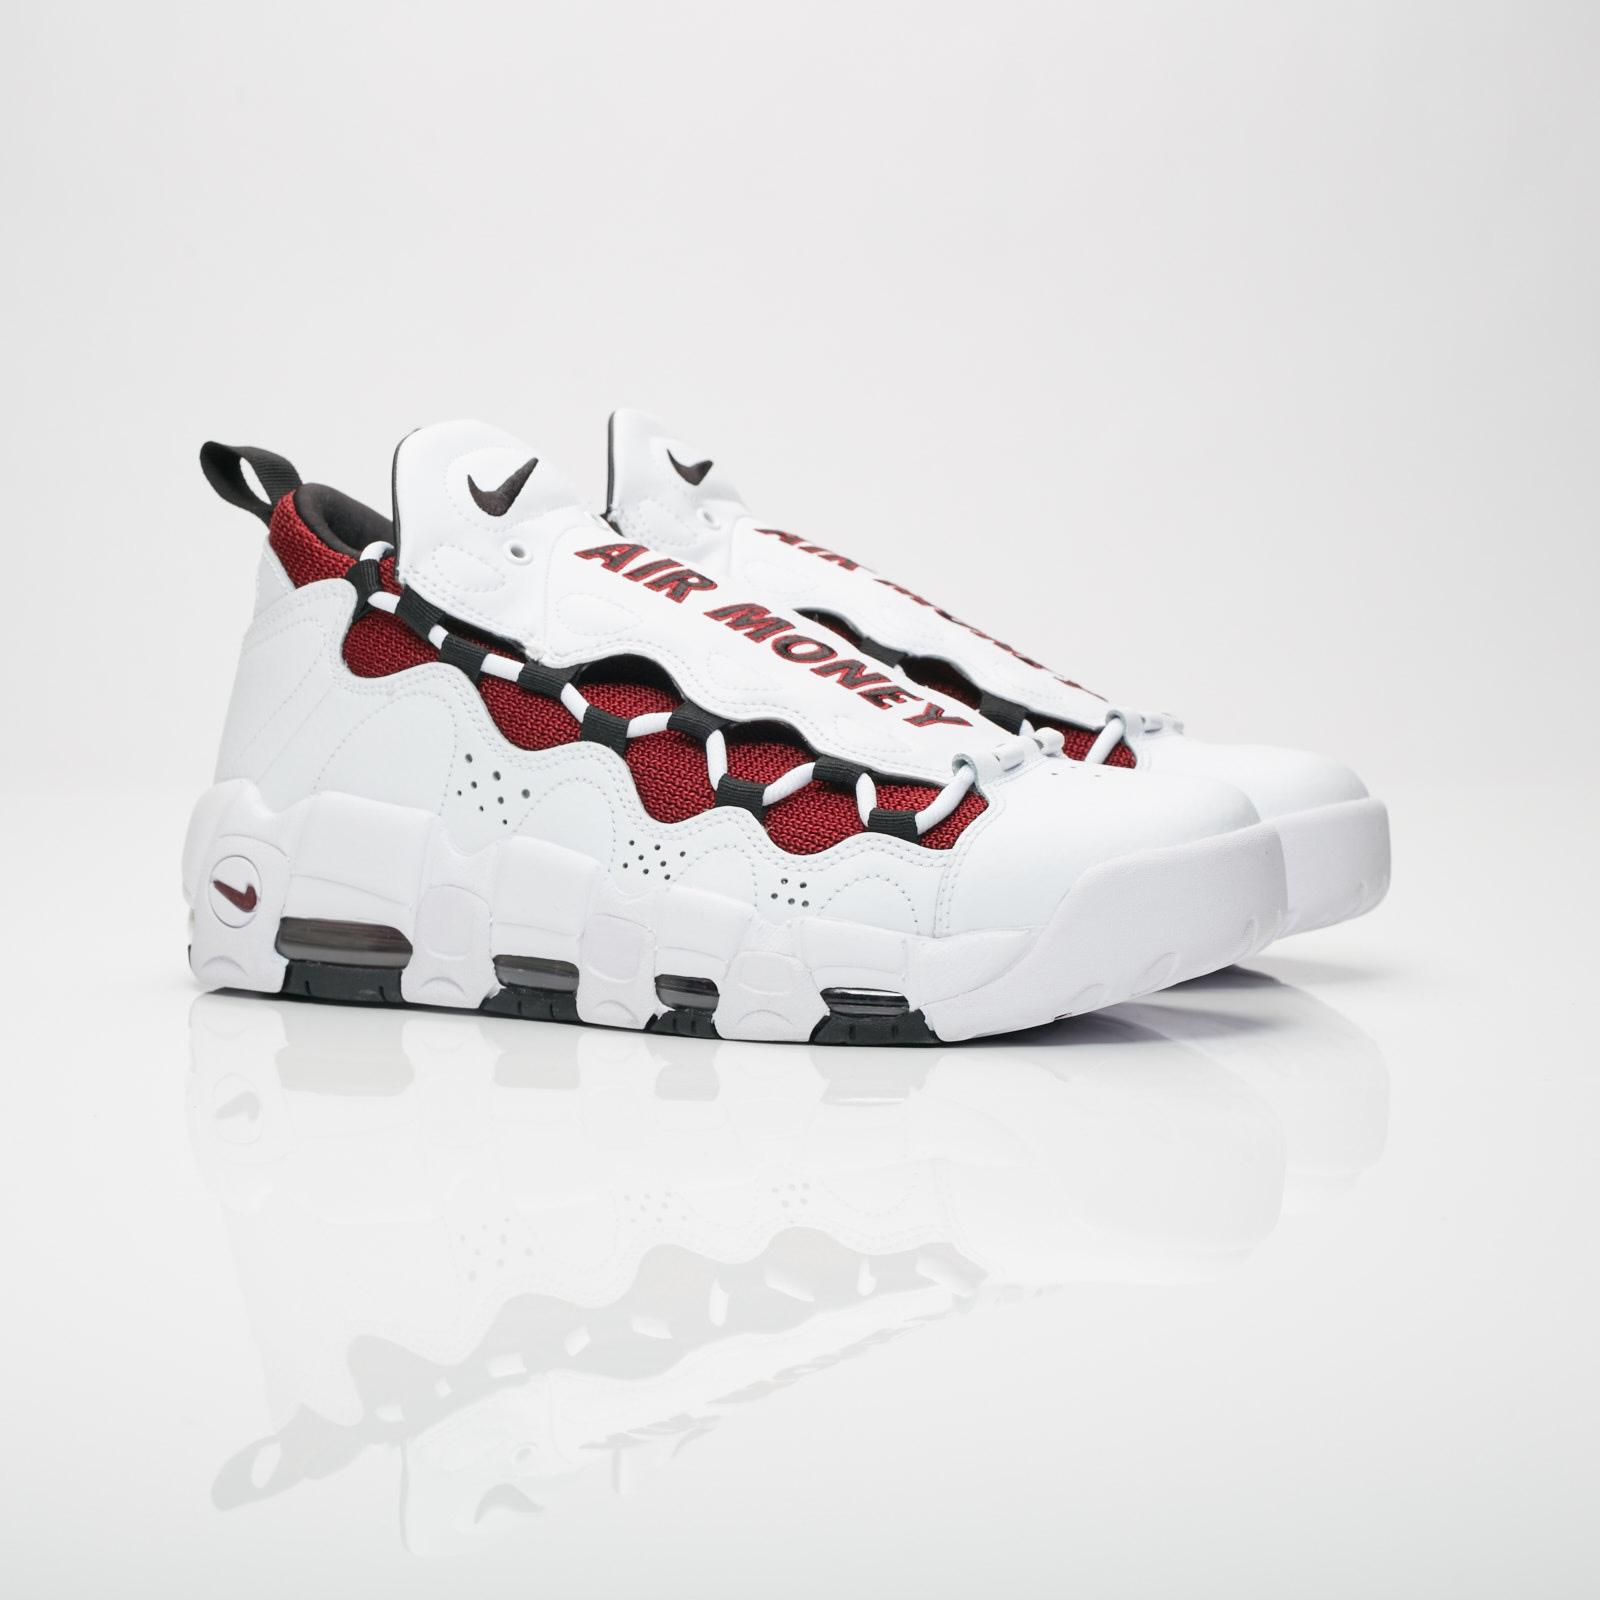 e5ae6d3d76d26 Nike Air More Money - Aj2998-100 - Sneakersnstuff